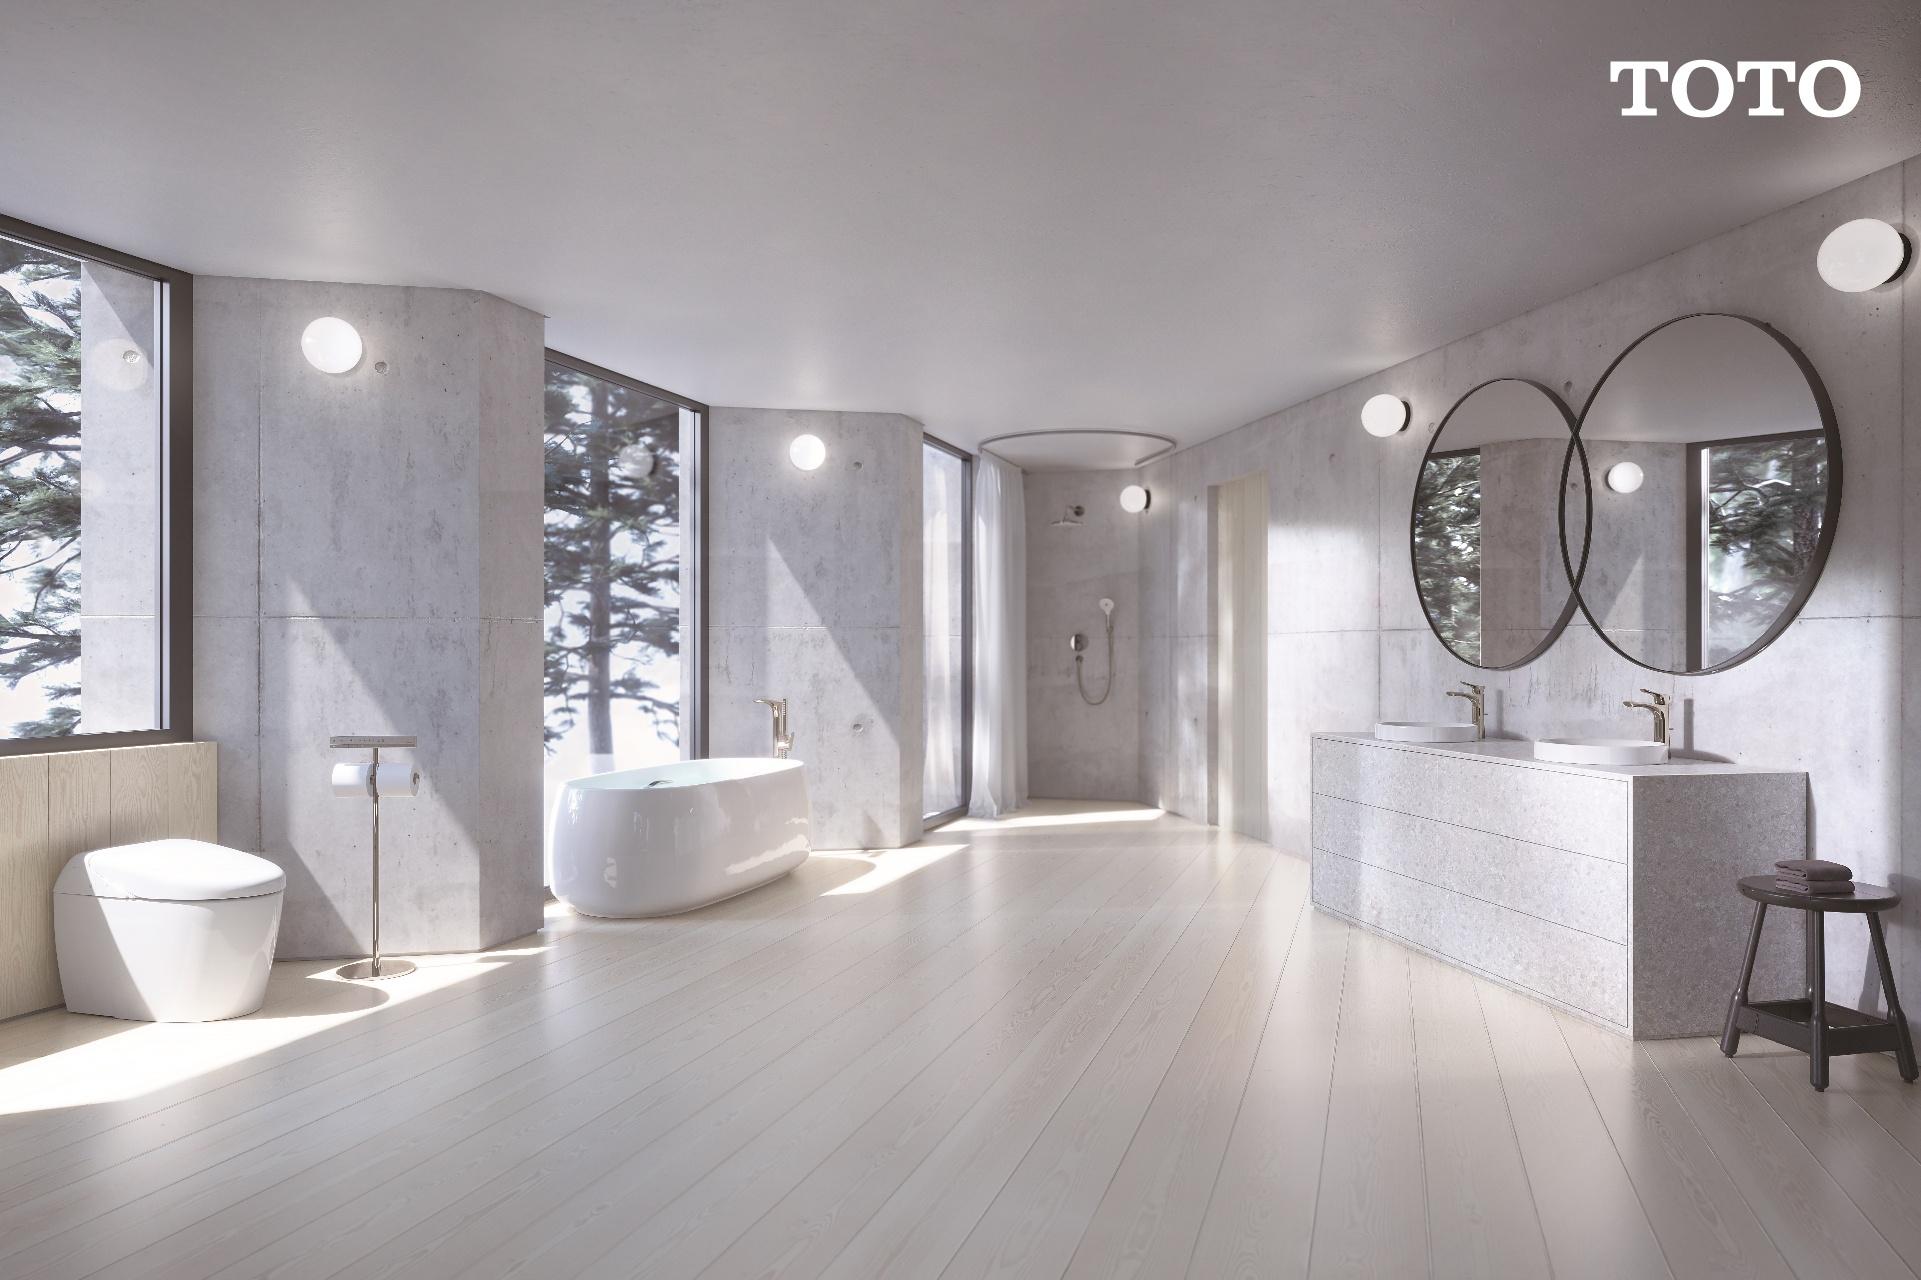 แต่งห้องน้ำเพื่อรับแสงจากธรรมชาติ